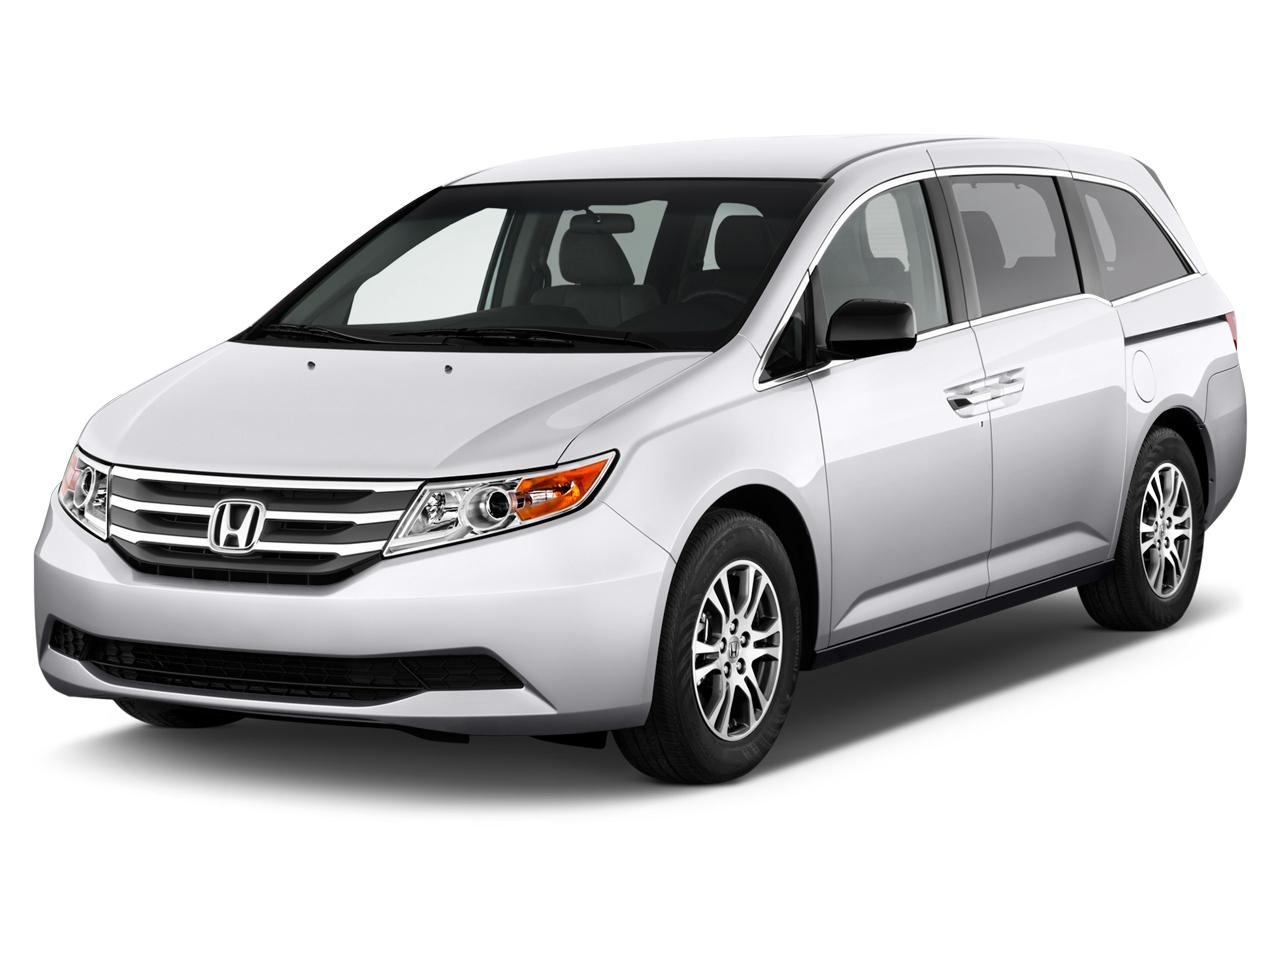 Kelebihan Kekurangan Honda Odyssey 2012 Murah Berkualitas